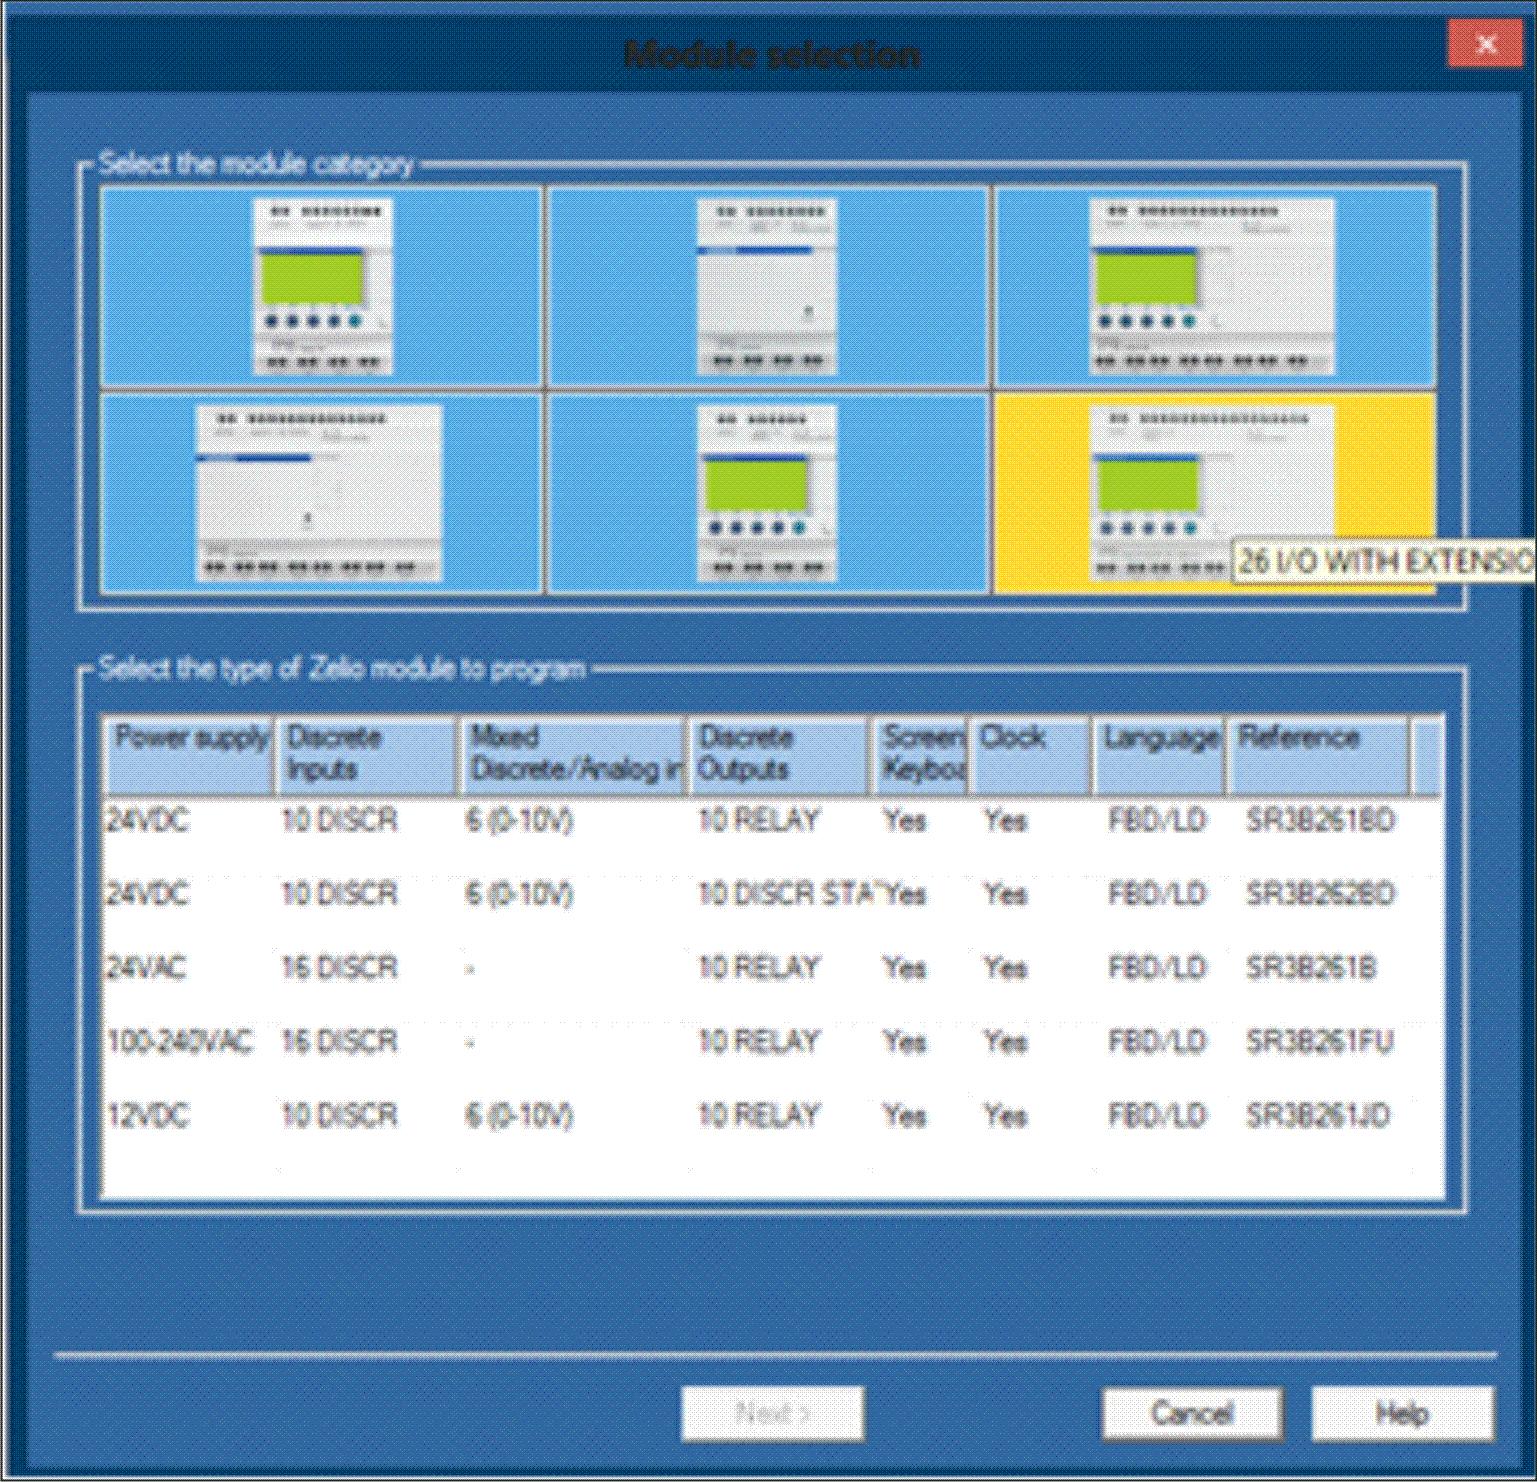 Membuat Traffic Light 3 Simpang Menggunakan Aplikasi Plc